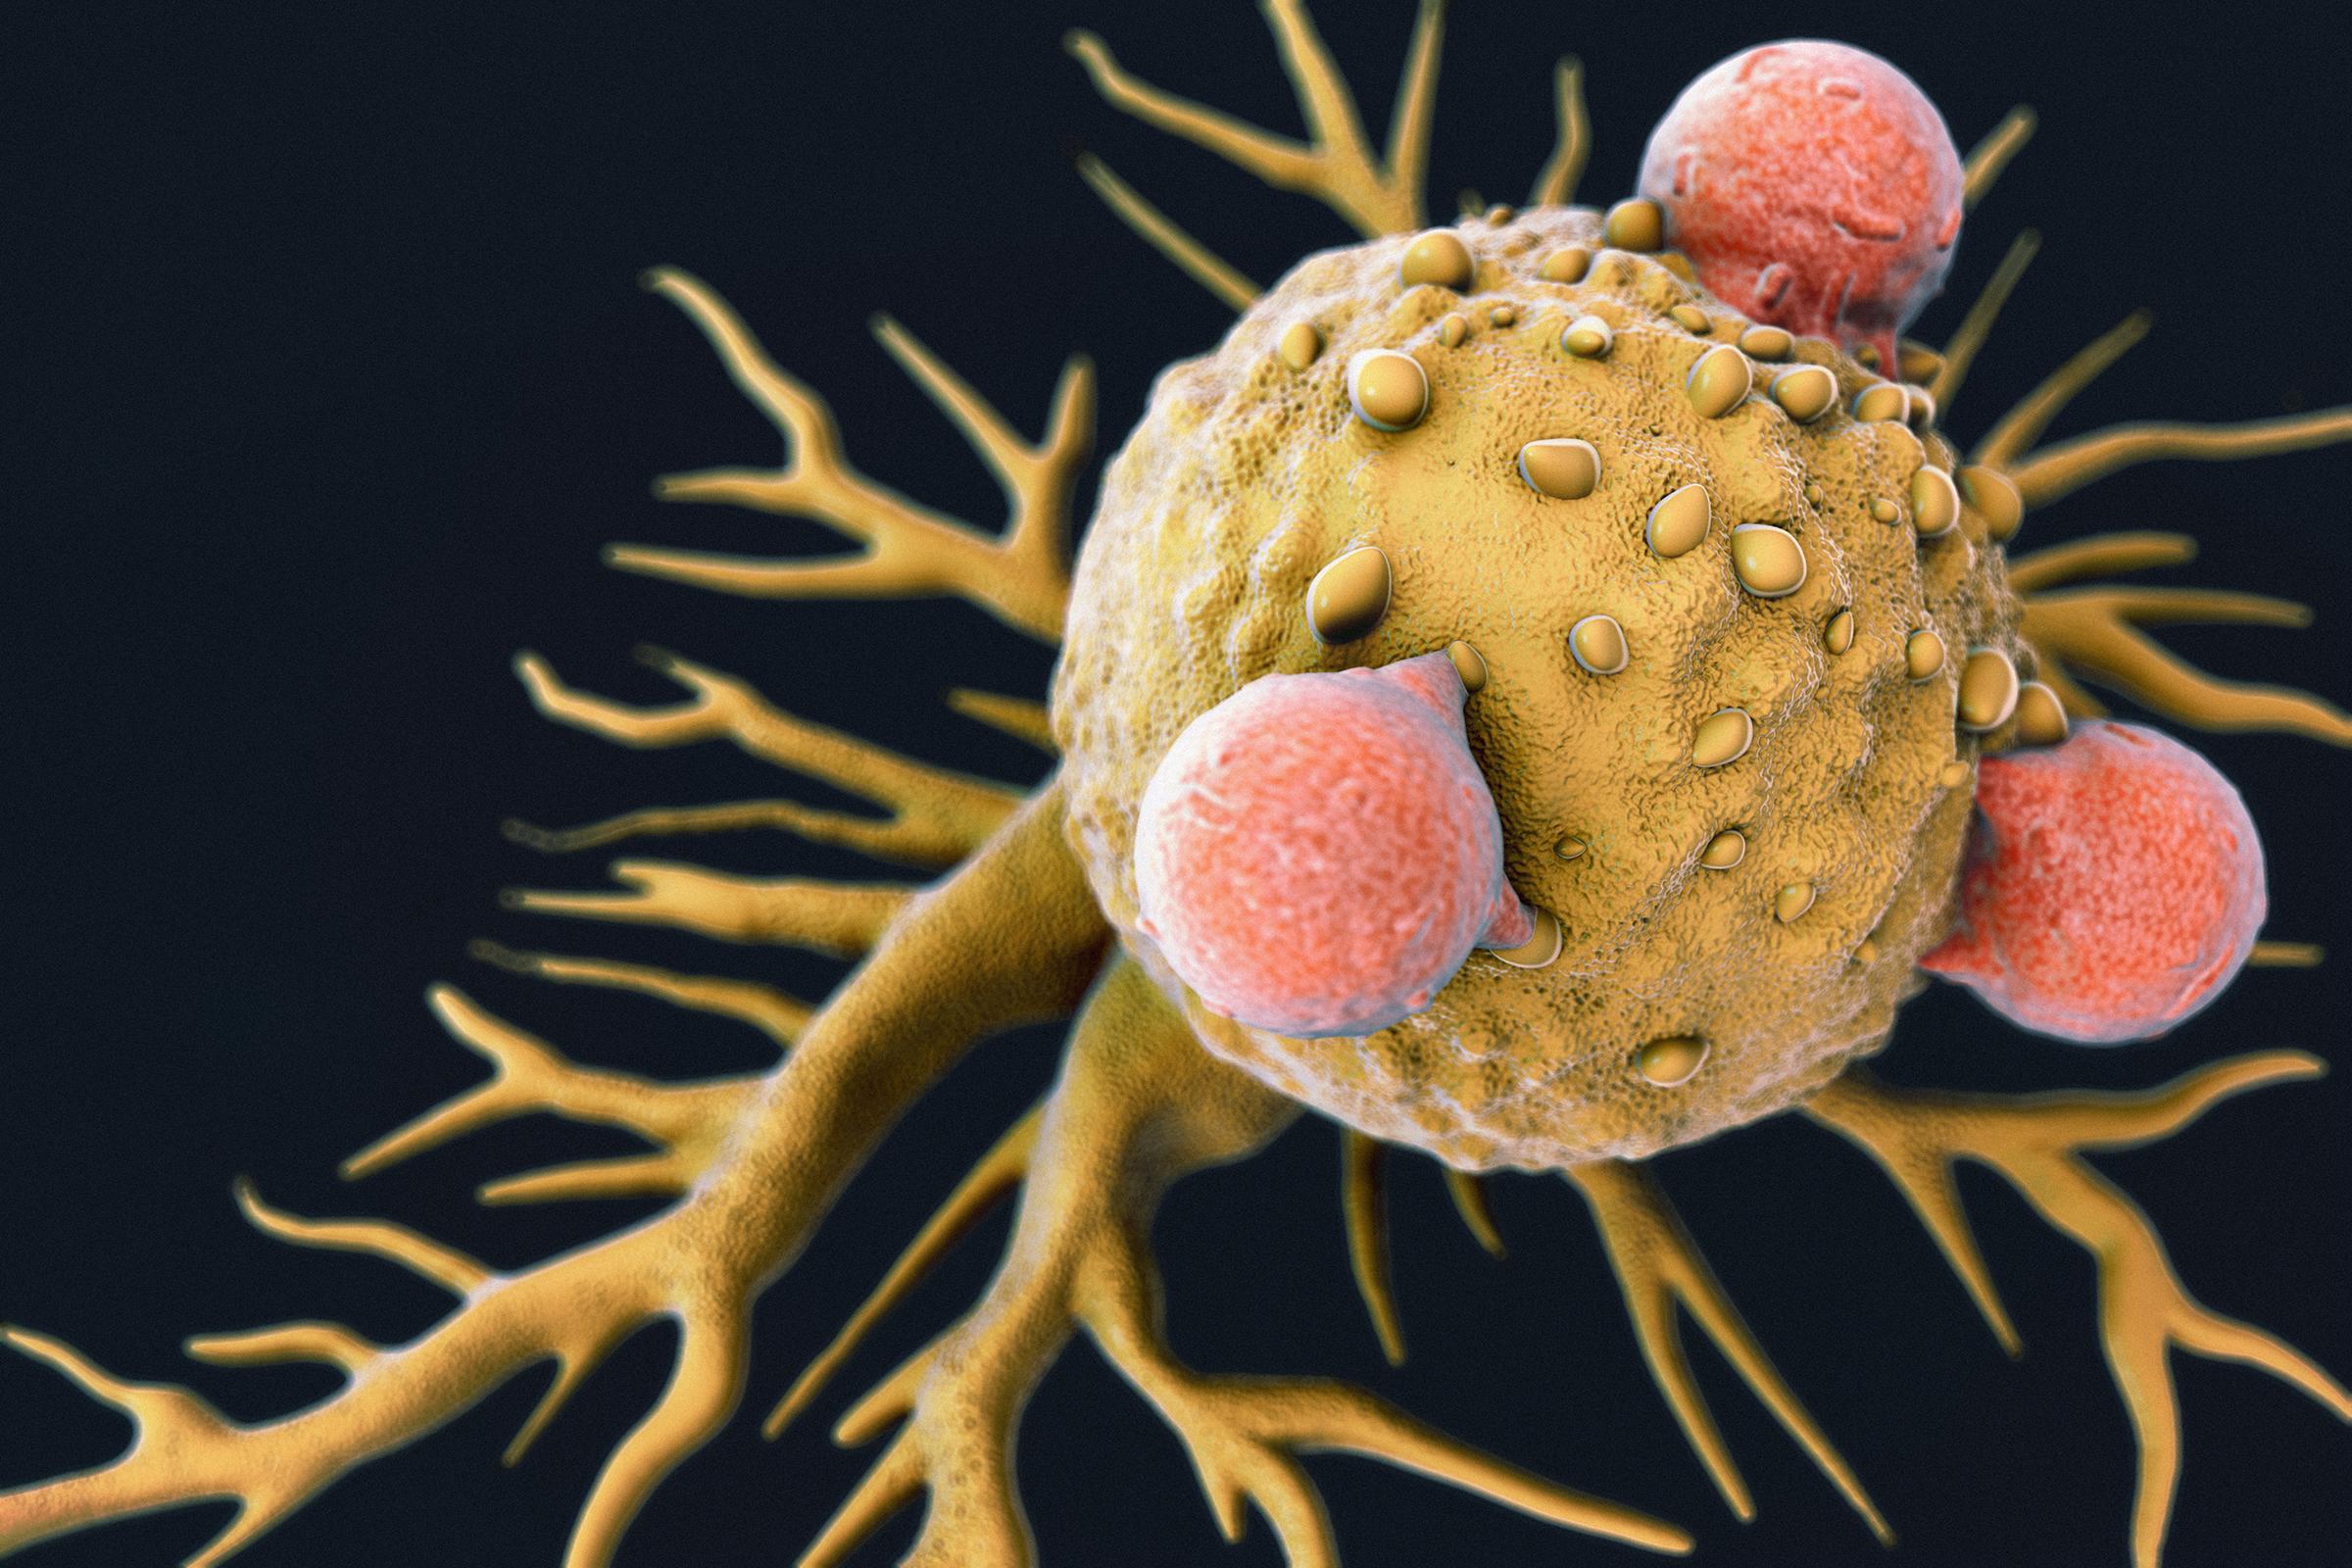 Борьбу с раком предложено вести по двум фронтам